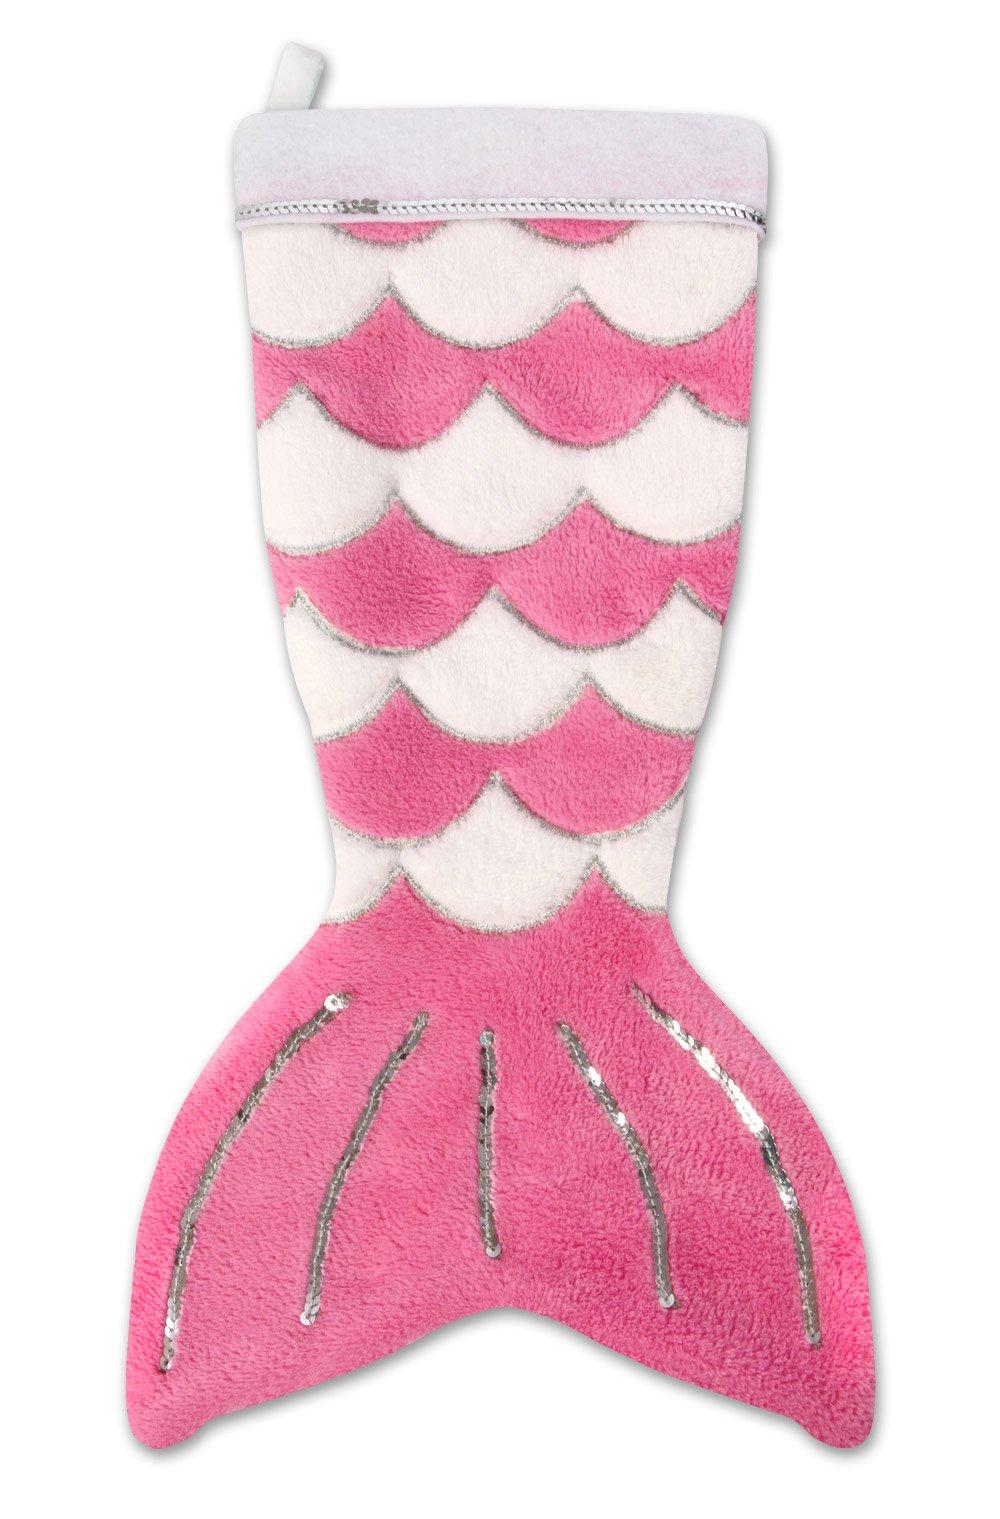 Fin Fun Mermaid Tail Christmas Stocking - Pink by Fin Fun